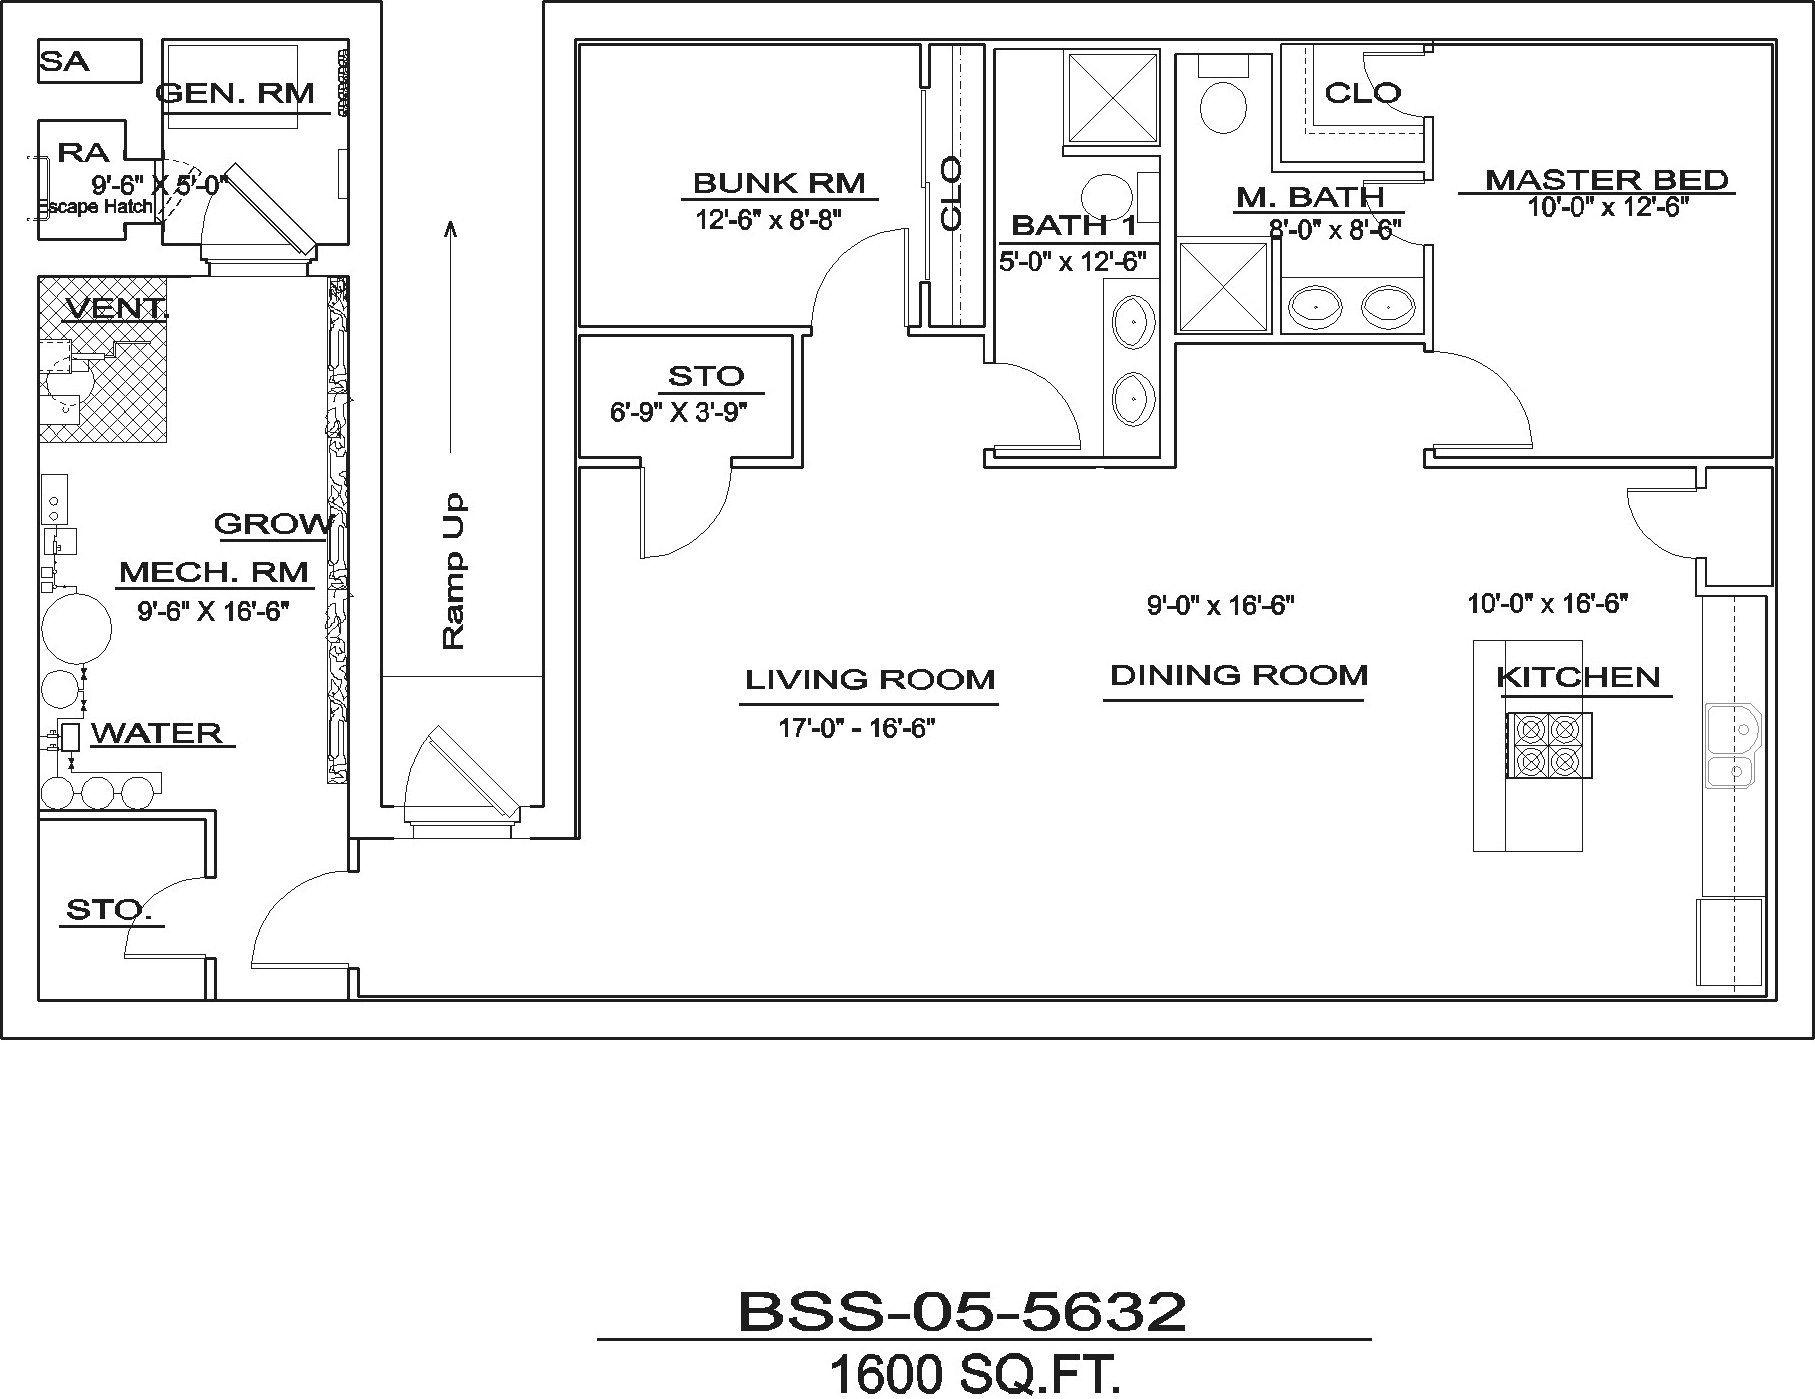 Bss055632 home design floor plans floor plan design